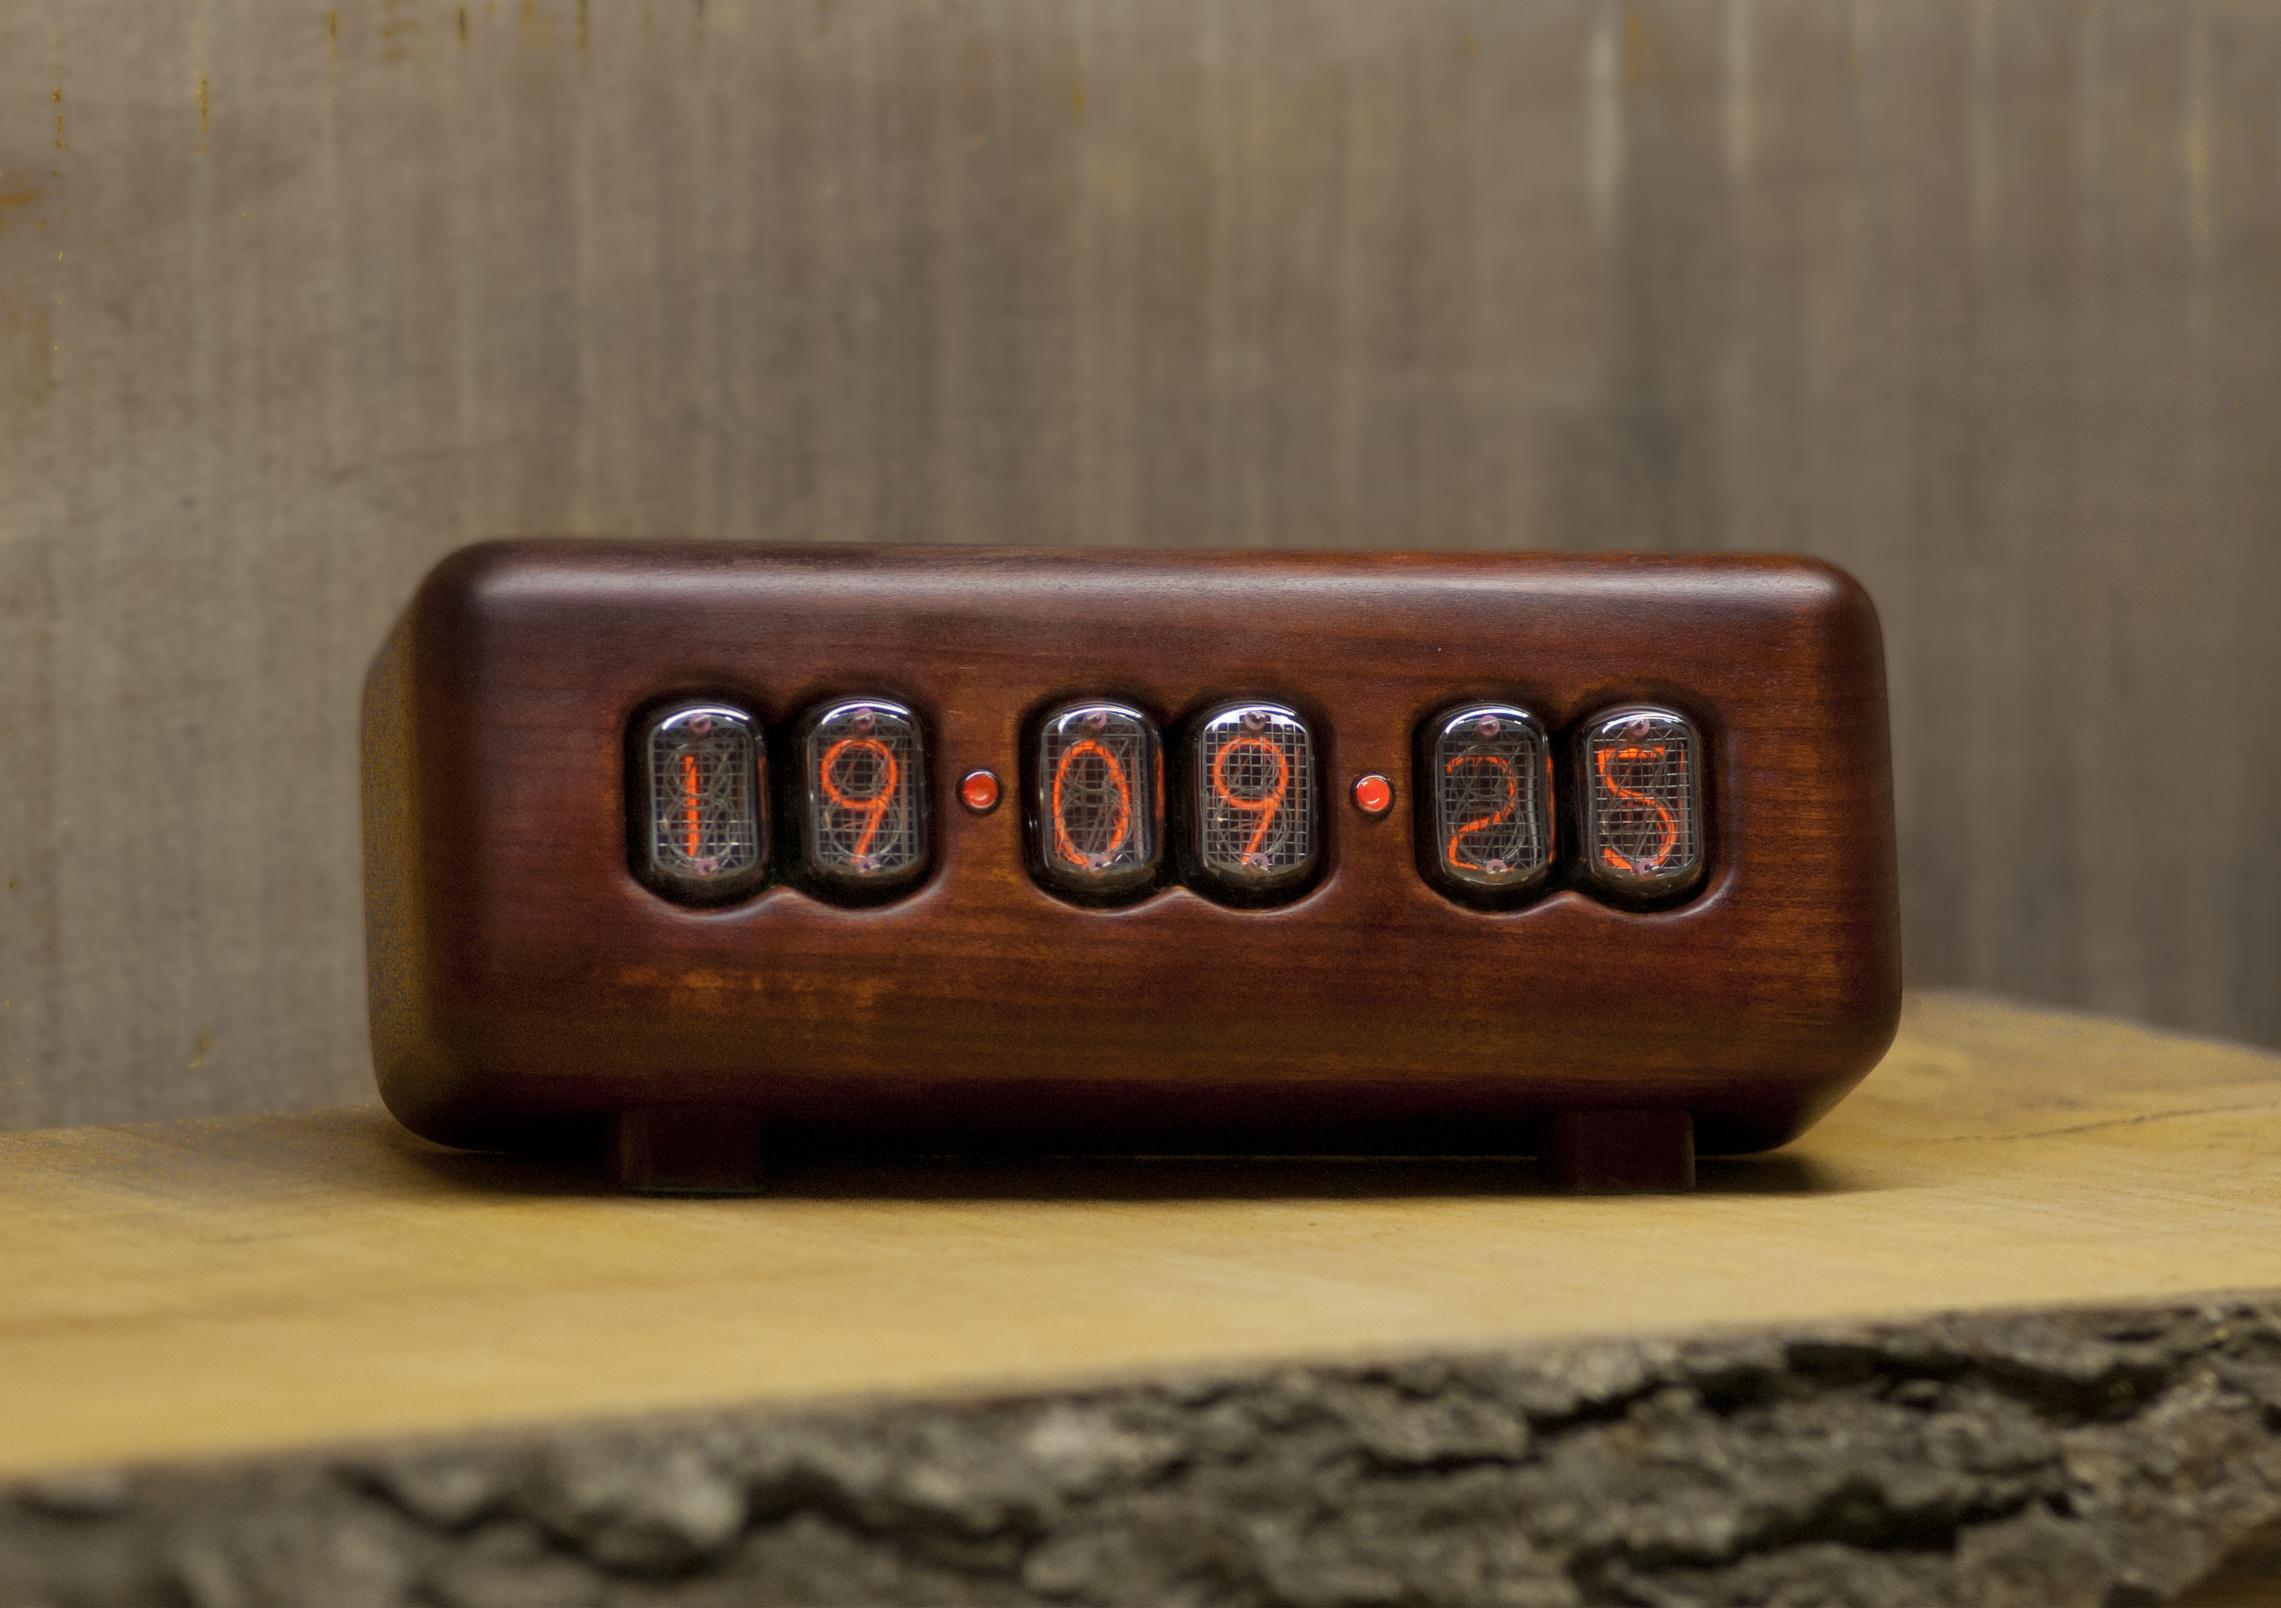 Qwerty nixie tube clock